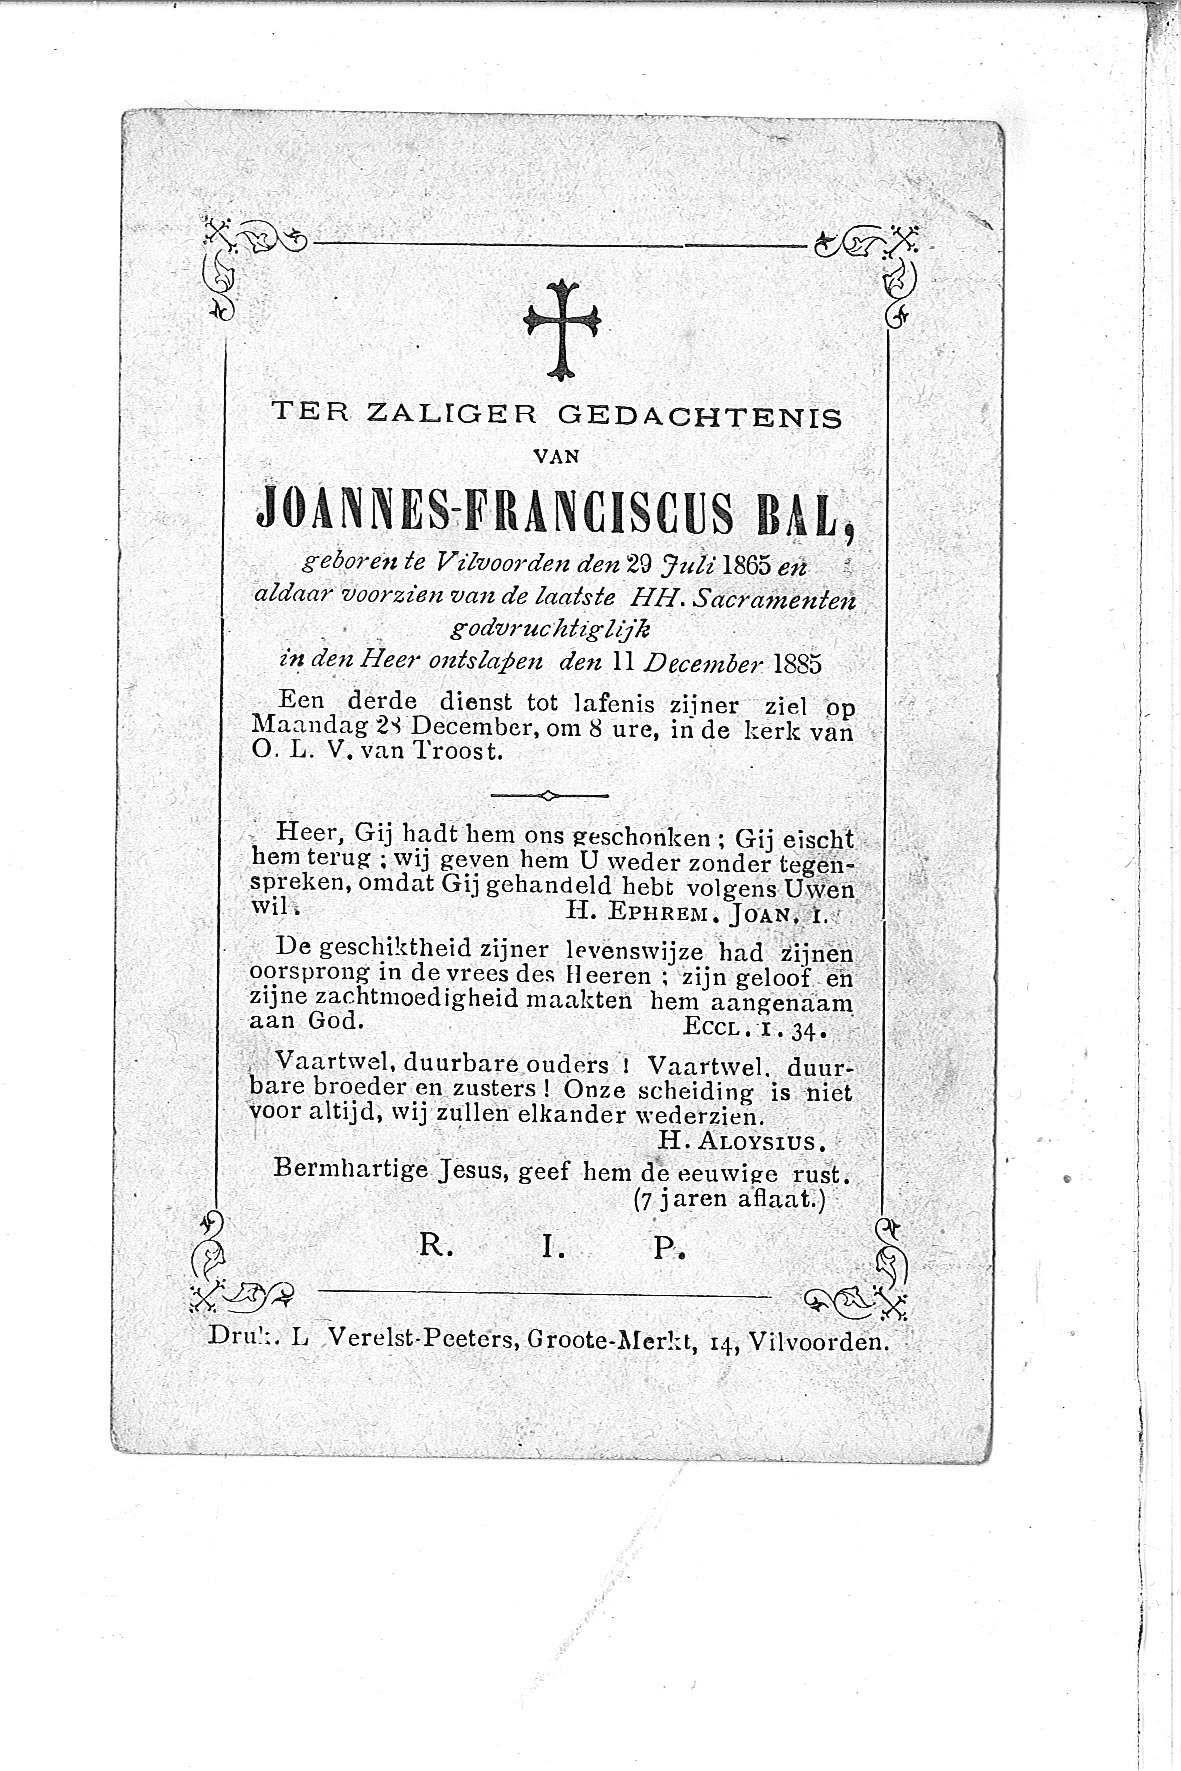 Joannes-Franciscus(1885)20101006133005_00032.jpg